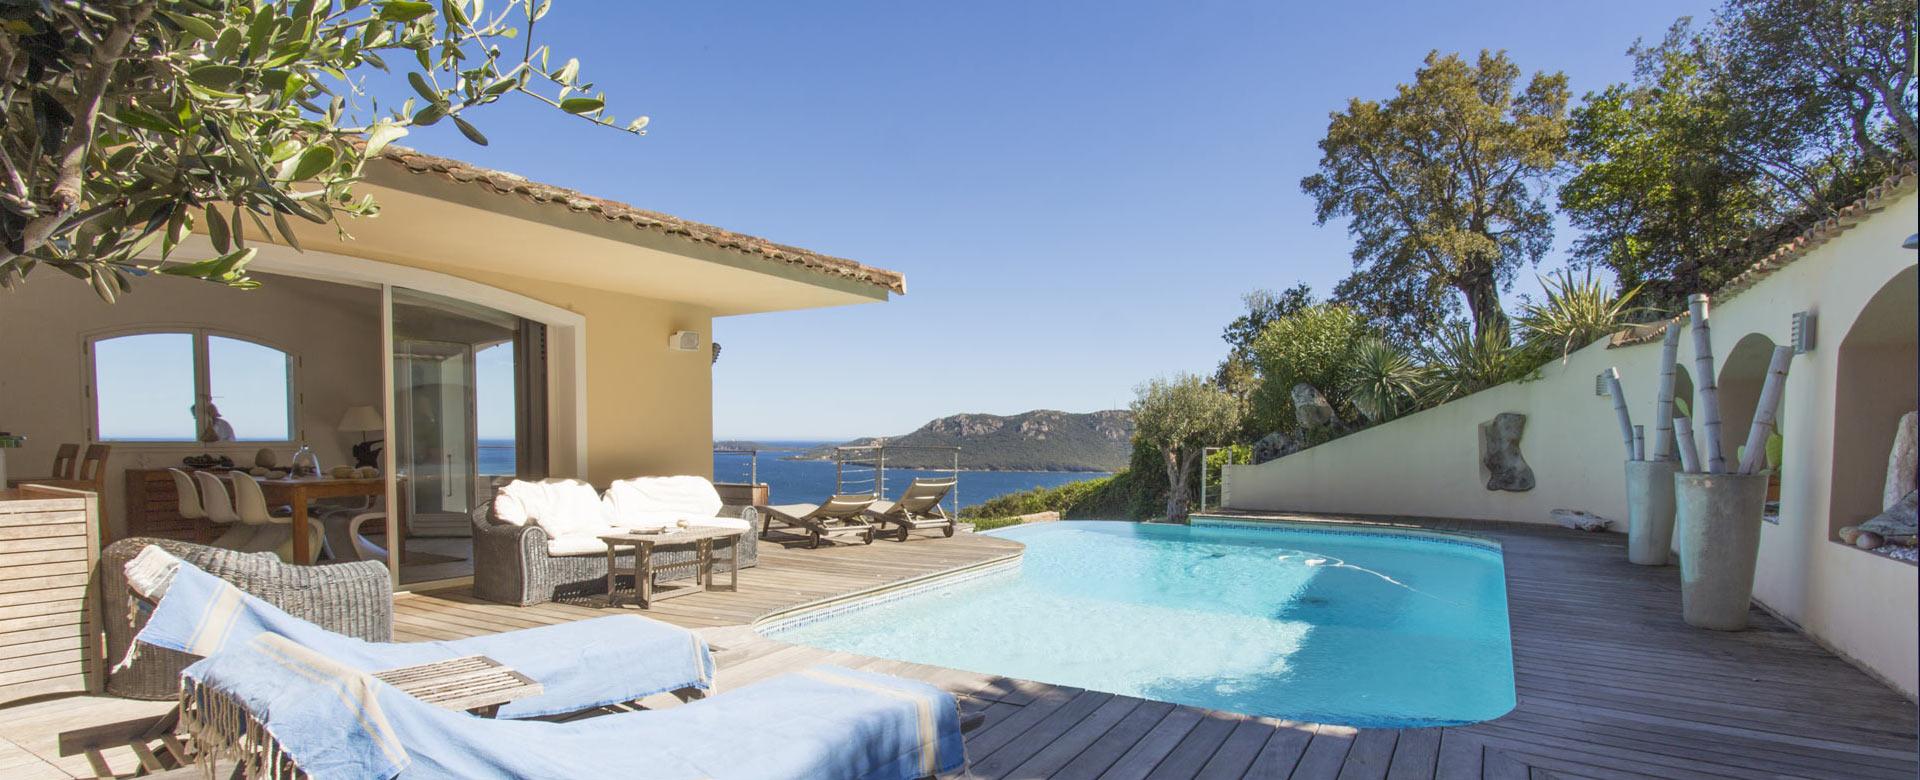 Affitto villa corsica for Ville di lusso in affitto